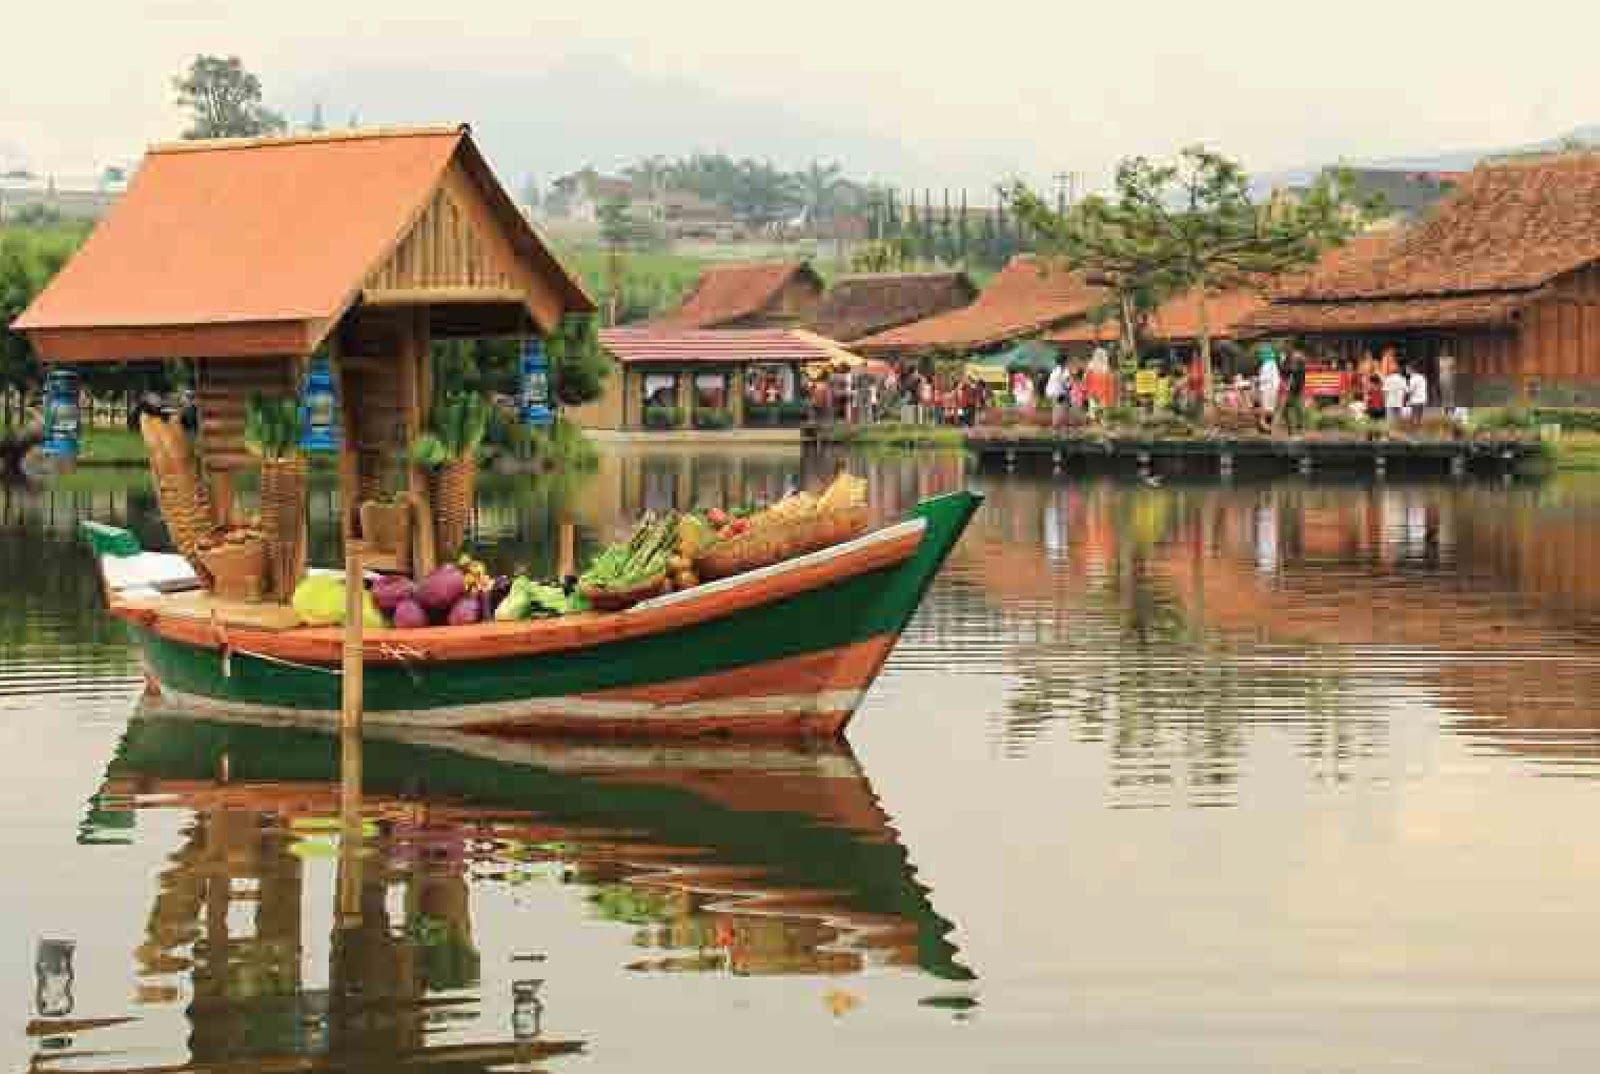 Paket Wisata Floating Market Lembang Keren Youtube Pasar Apung Kab